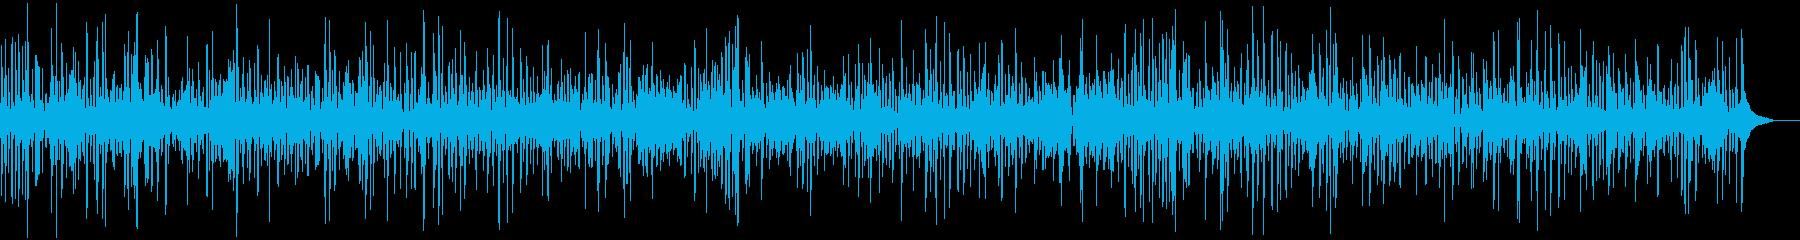 おしゃれカフェのアコーディオンジャズの再生済みの波形